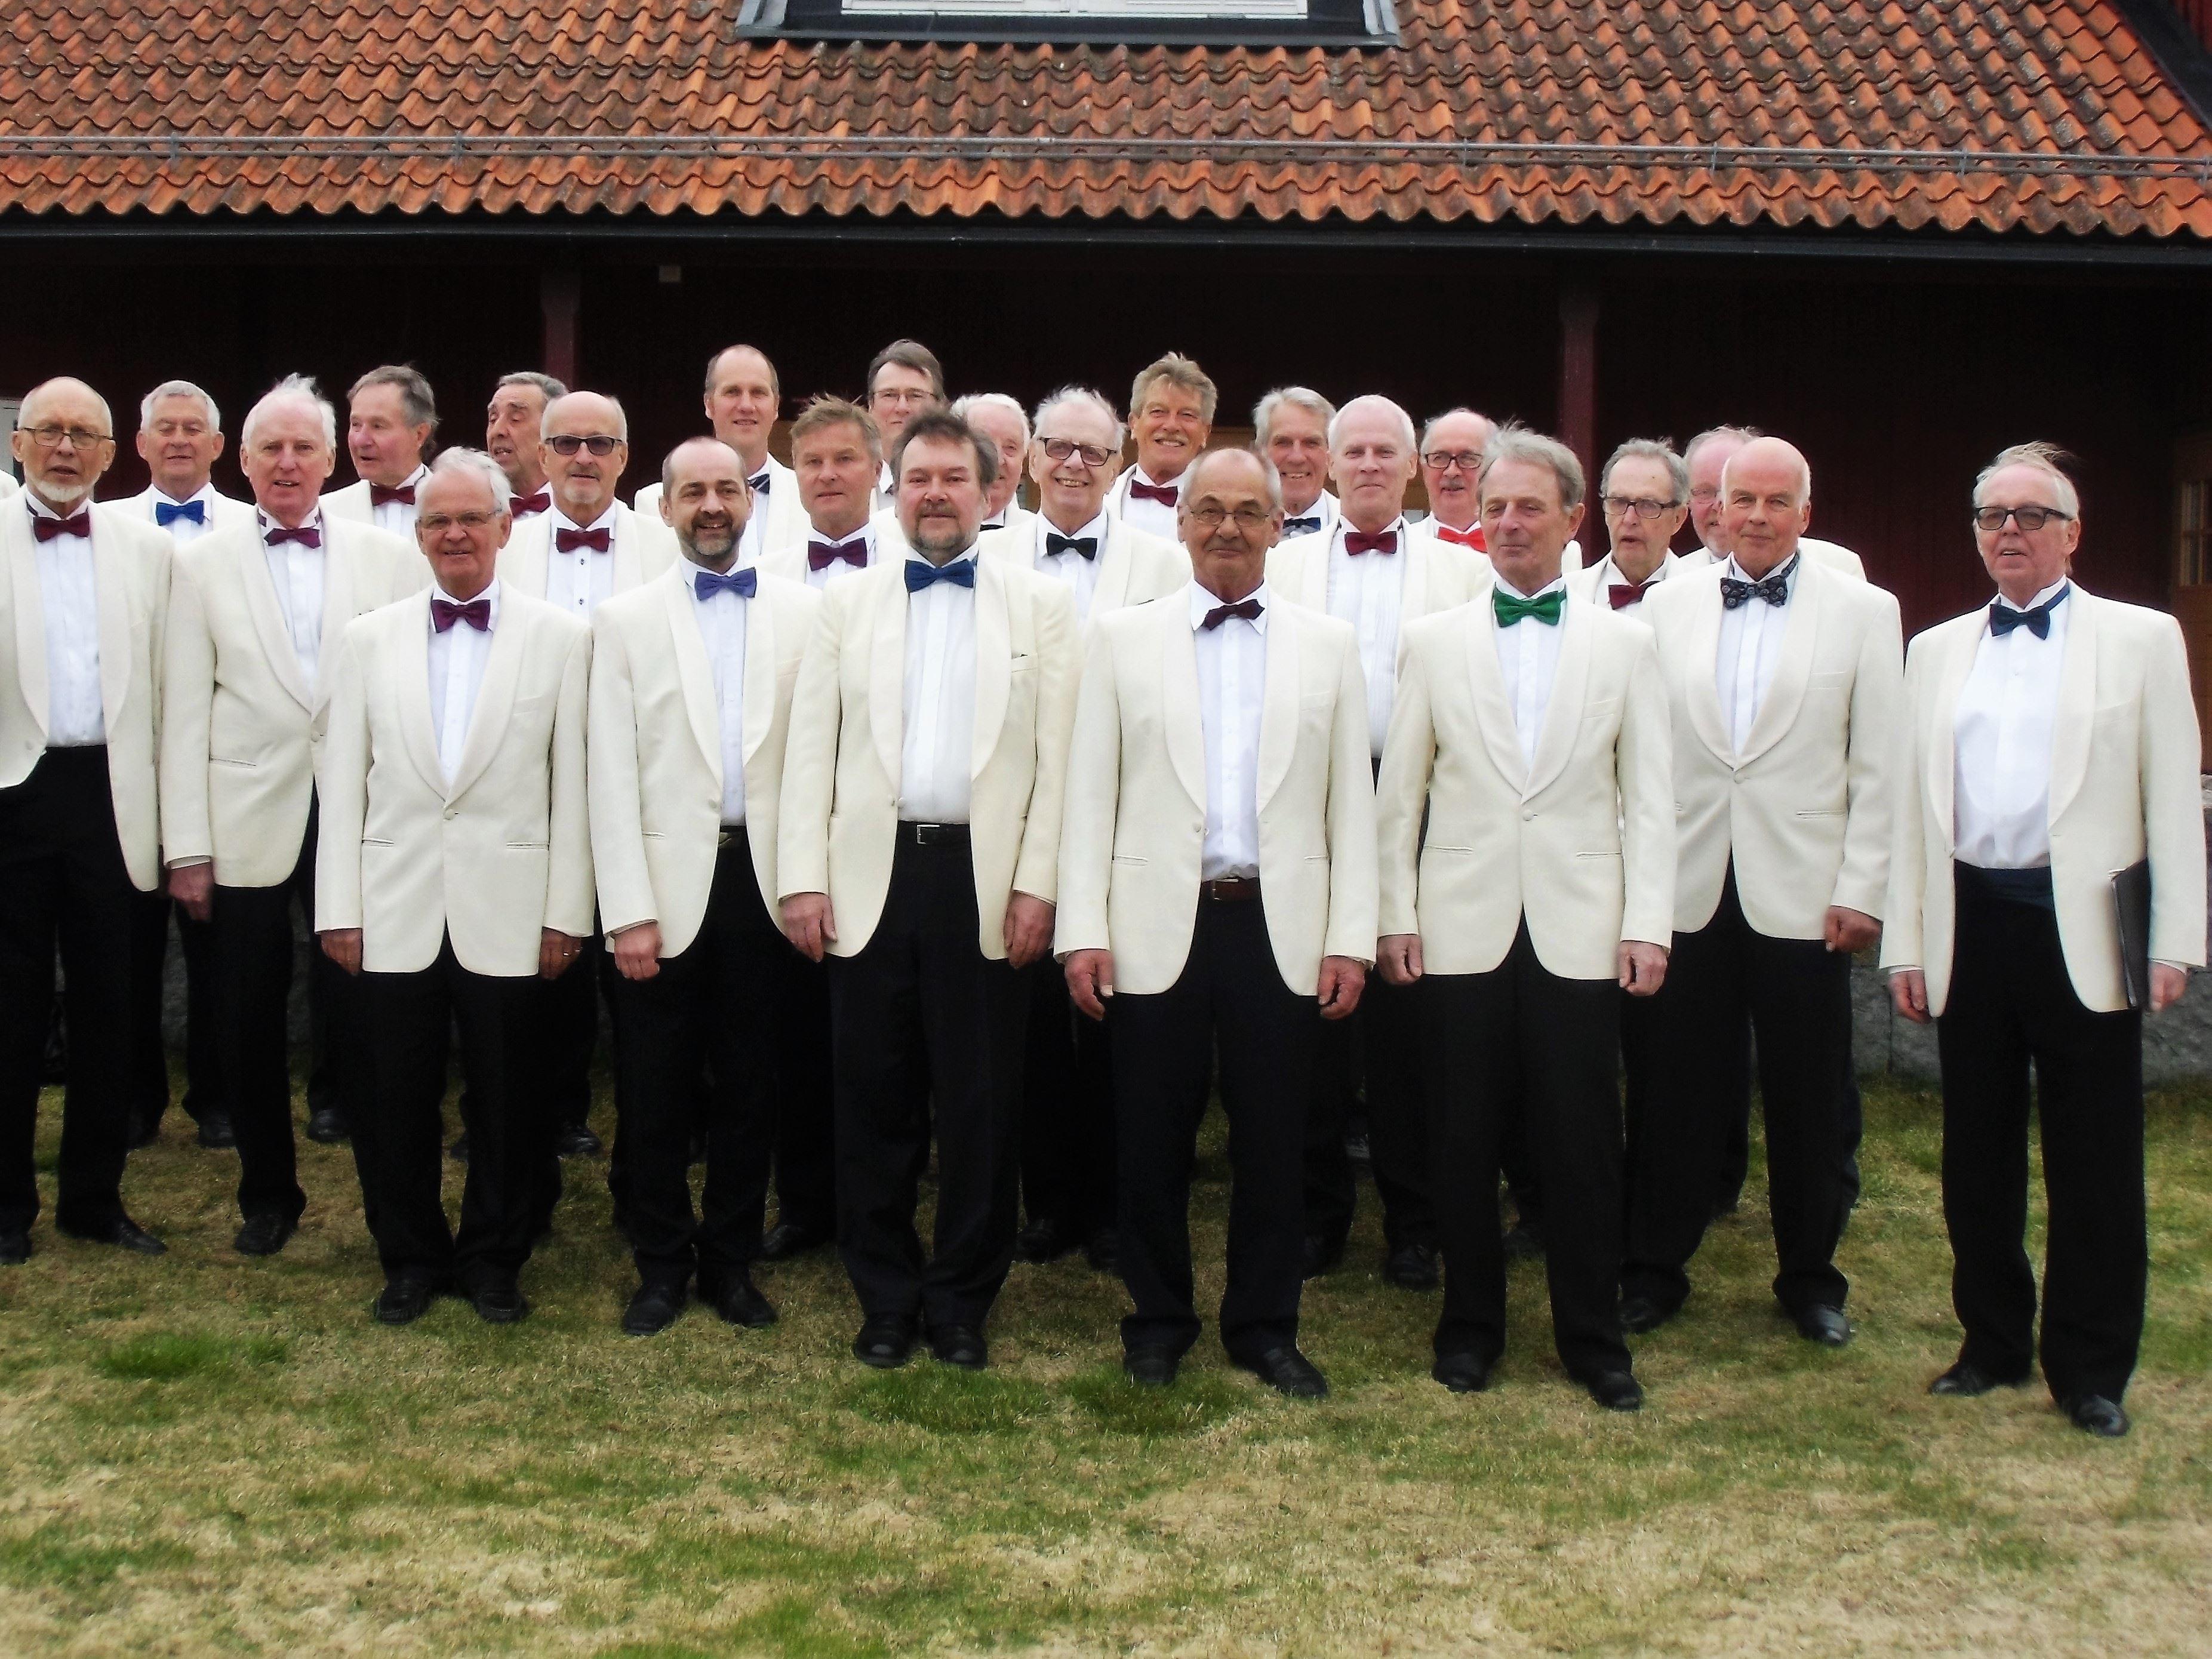 Vårkonsert med Sångarbröderna och Hallens Manskör